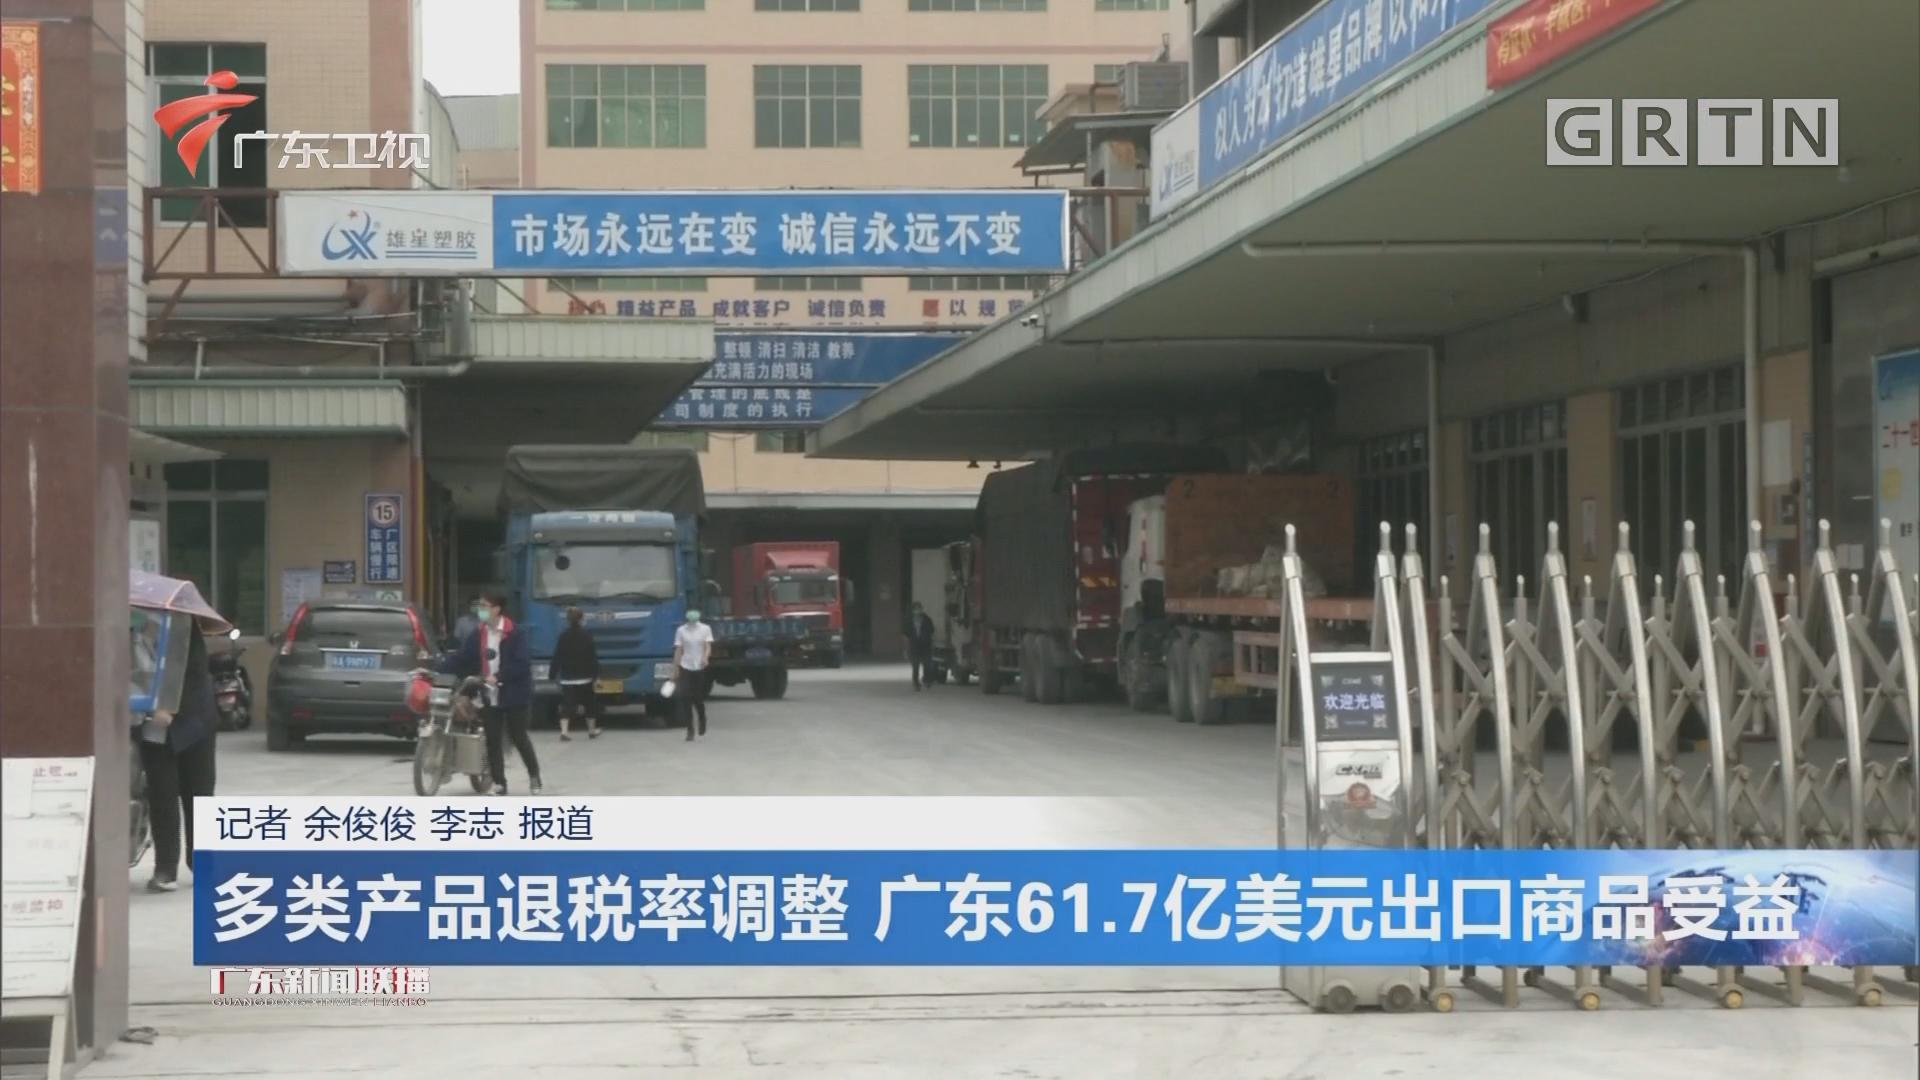 多类产品退税率调整 广东61.7亿美元出口商品受益